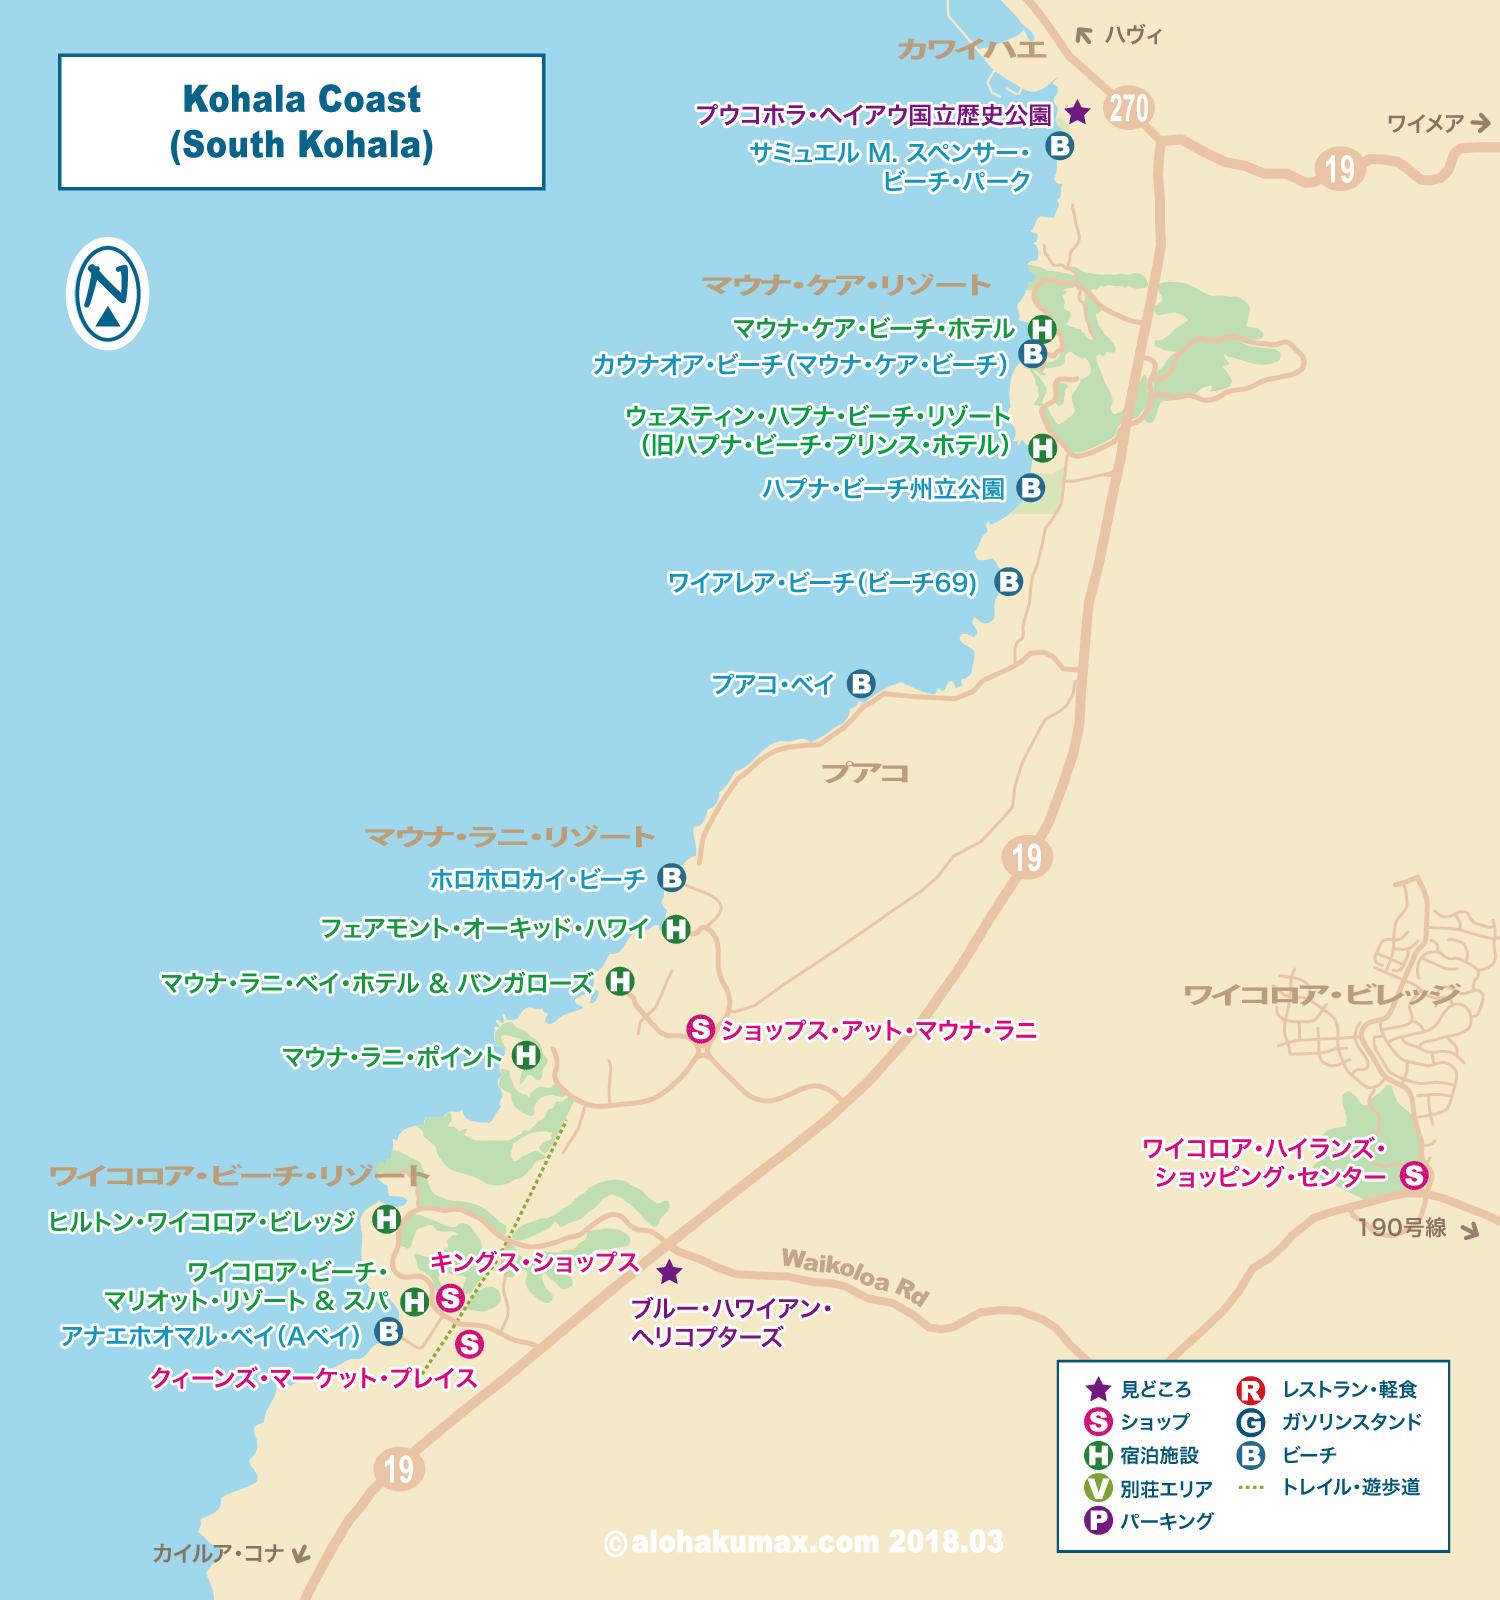 コハラ・コースト(サウスコハラ) 地図